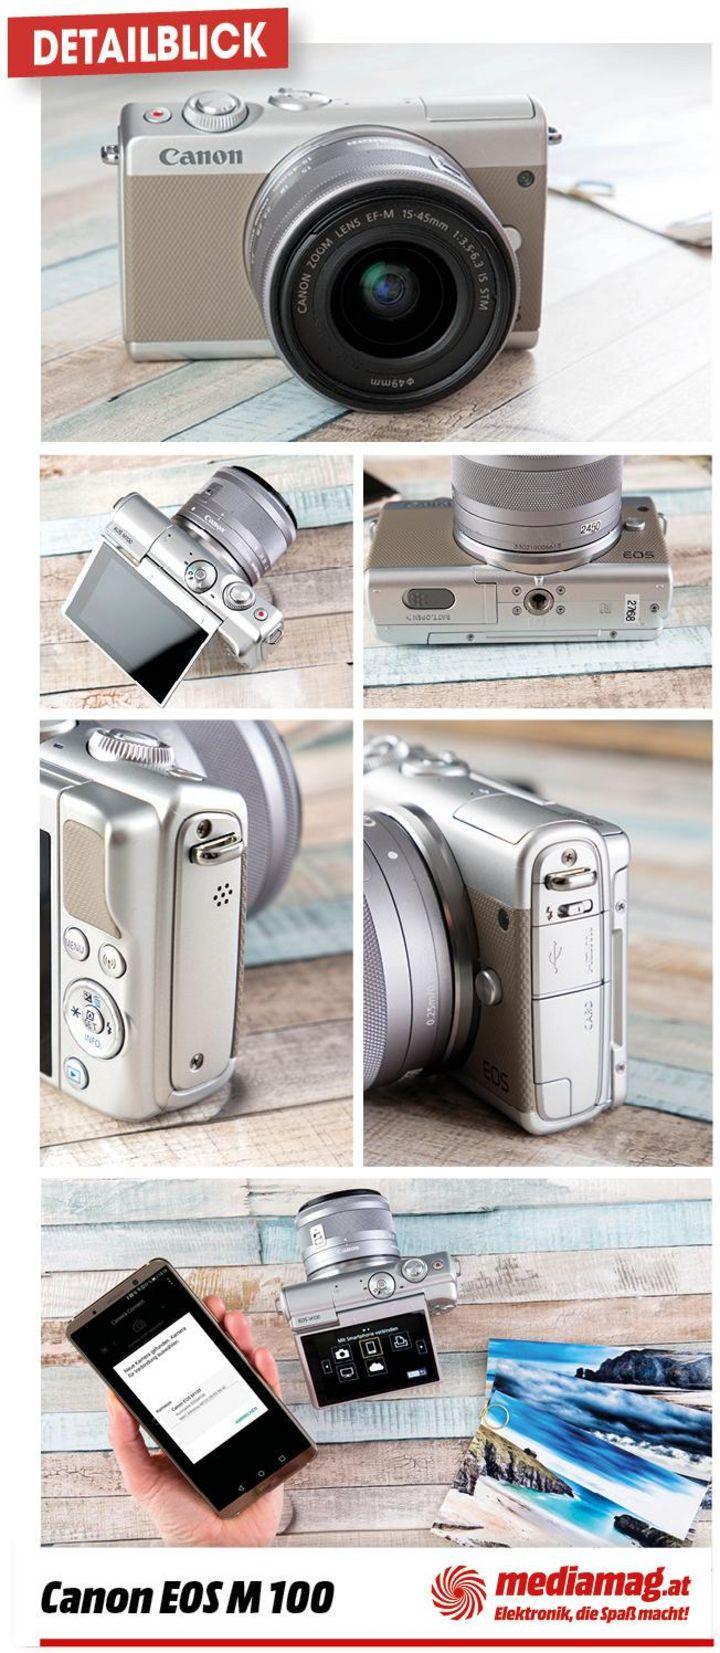 Die Canon EOS M100 verfügt über Kreativassistent, Special-Scene-Modi und Kreativfilter.